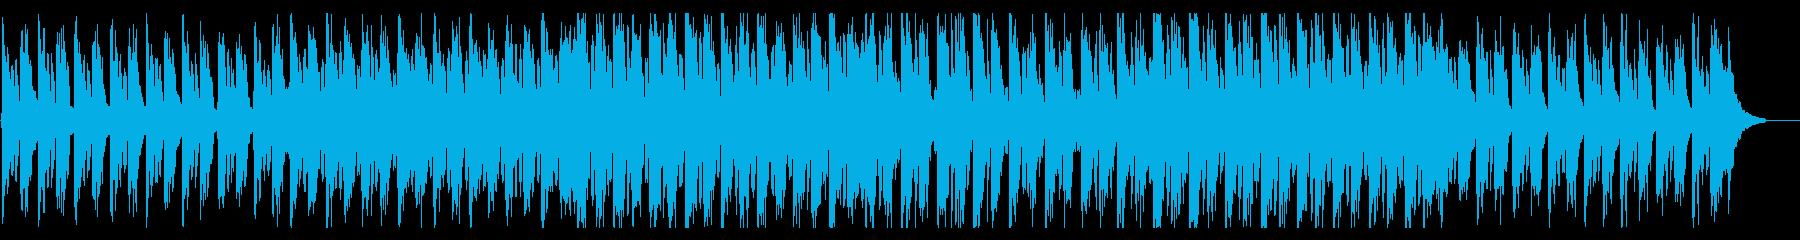 企業VP、優しい、温かいオーケストラの再生済みの波形